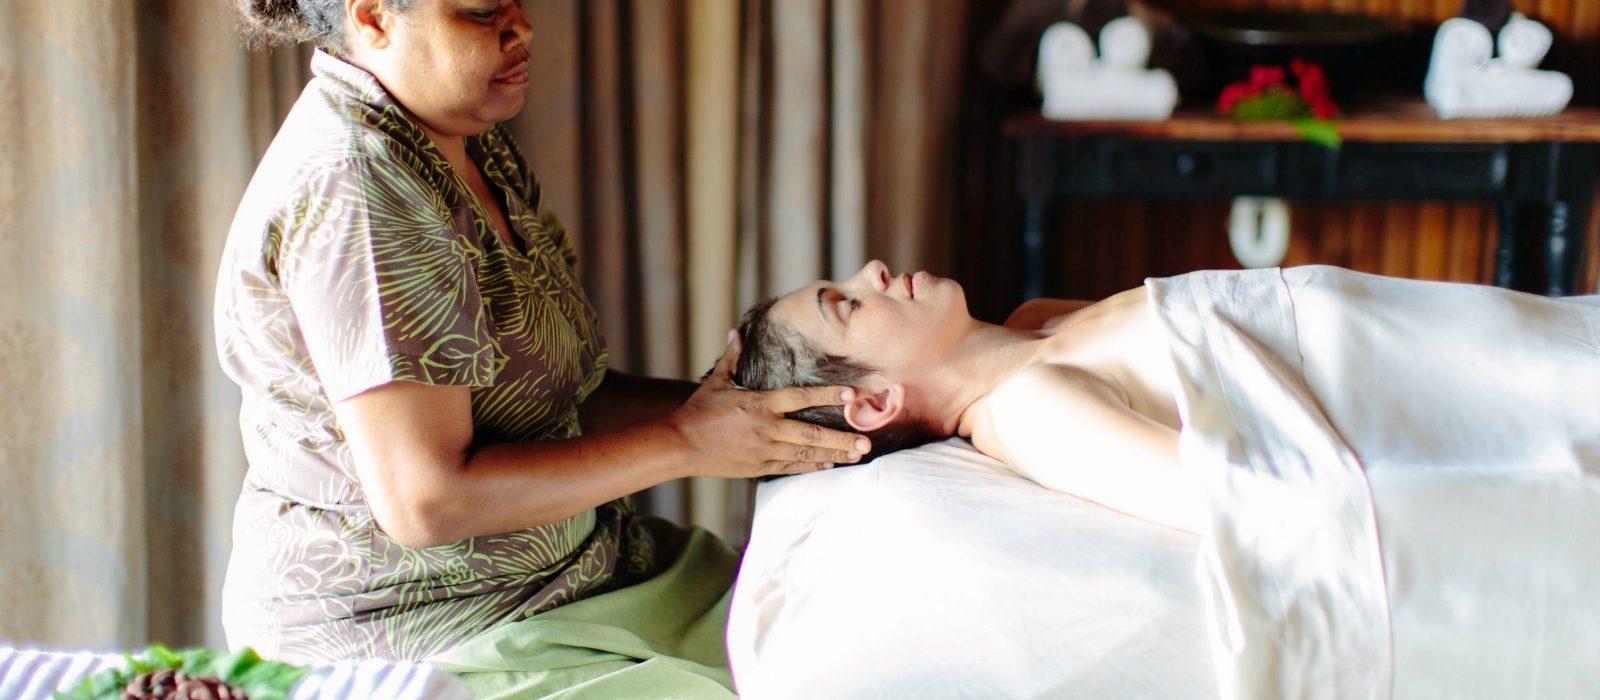 fiji-massage